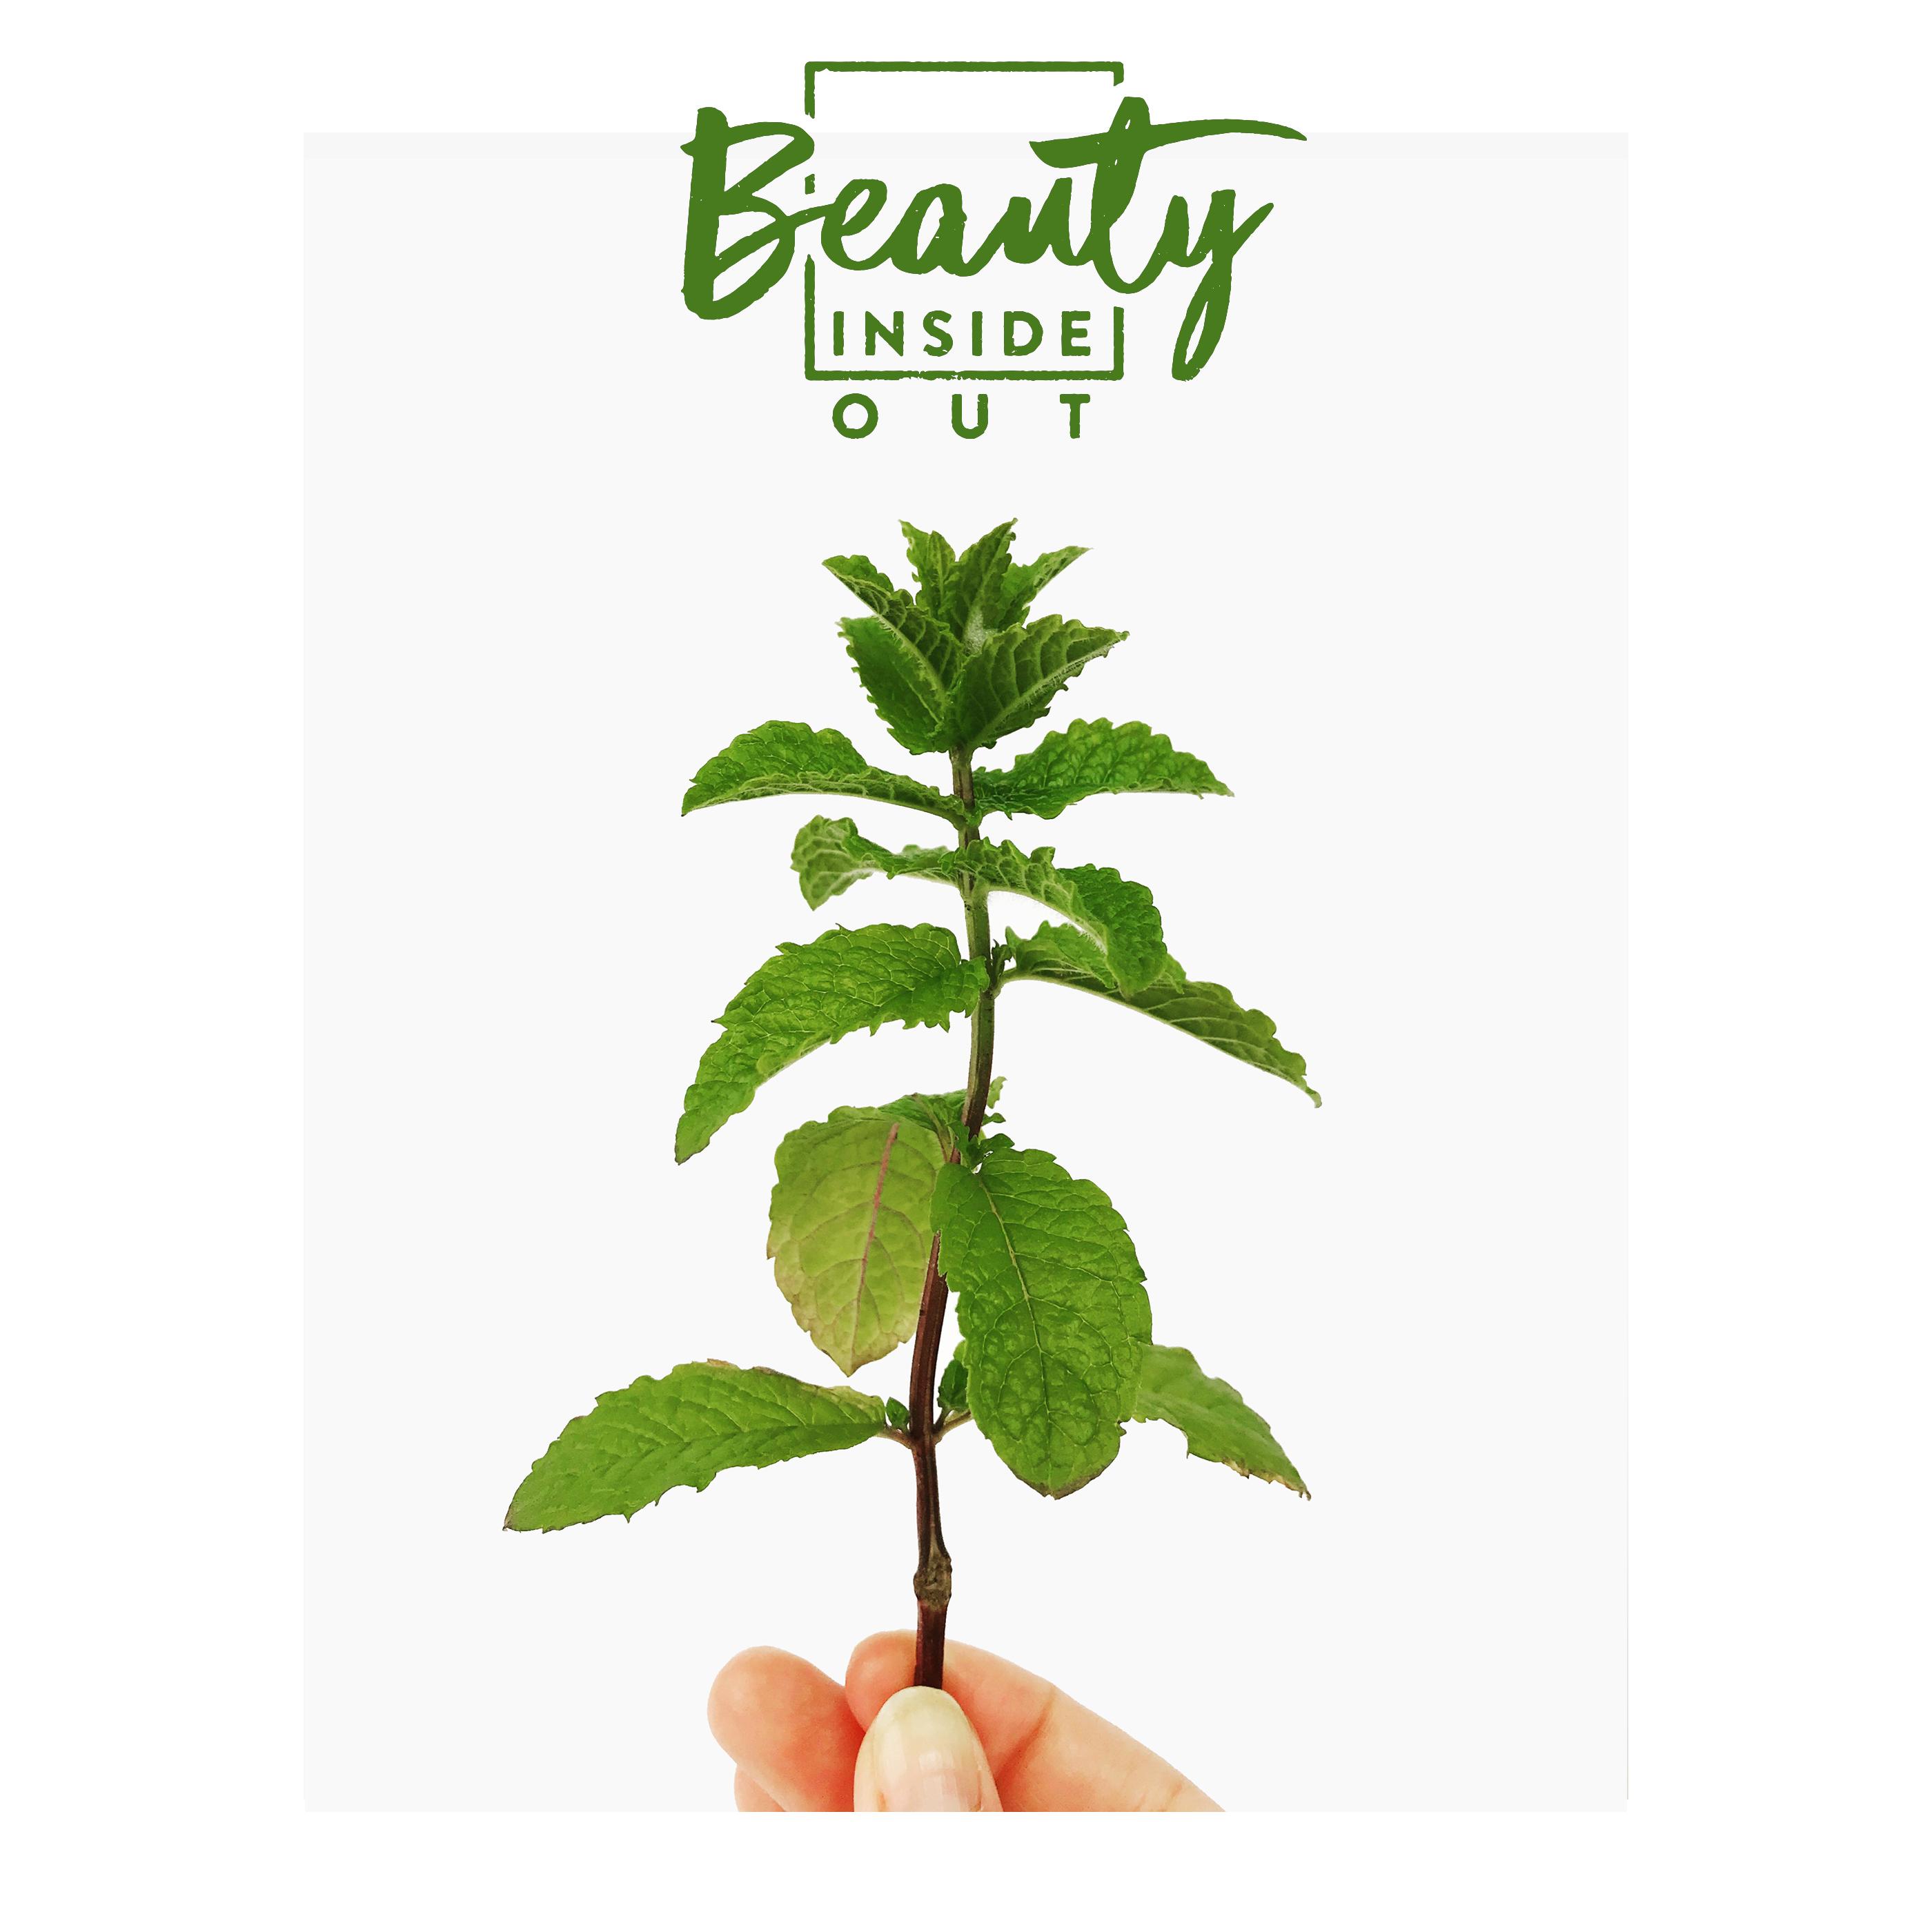 Wirkung von Pfefferminze, Beauty Inside Out: Pfefferminze, Pfefferminze, Wirkung von Pfefferminze auf unseren Körper, Pfefferminzöl, Spannungskopfschmerzen mit Pfefferminzöl behandeln, Beauty, Naturkosmetik, Beauty Tipps, Gesundheitstipp, gesund